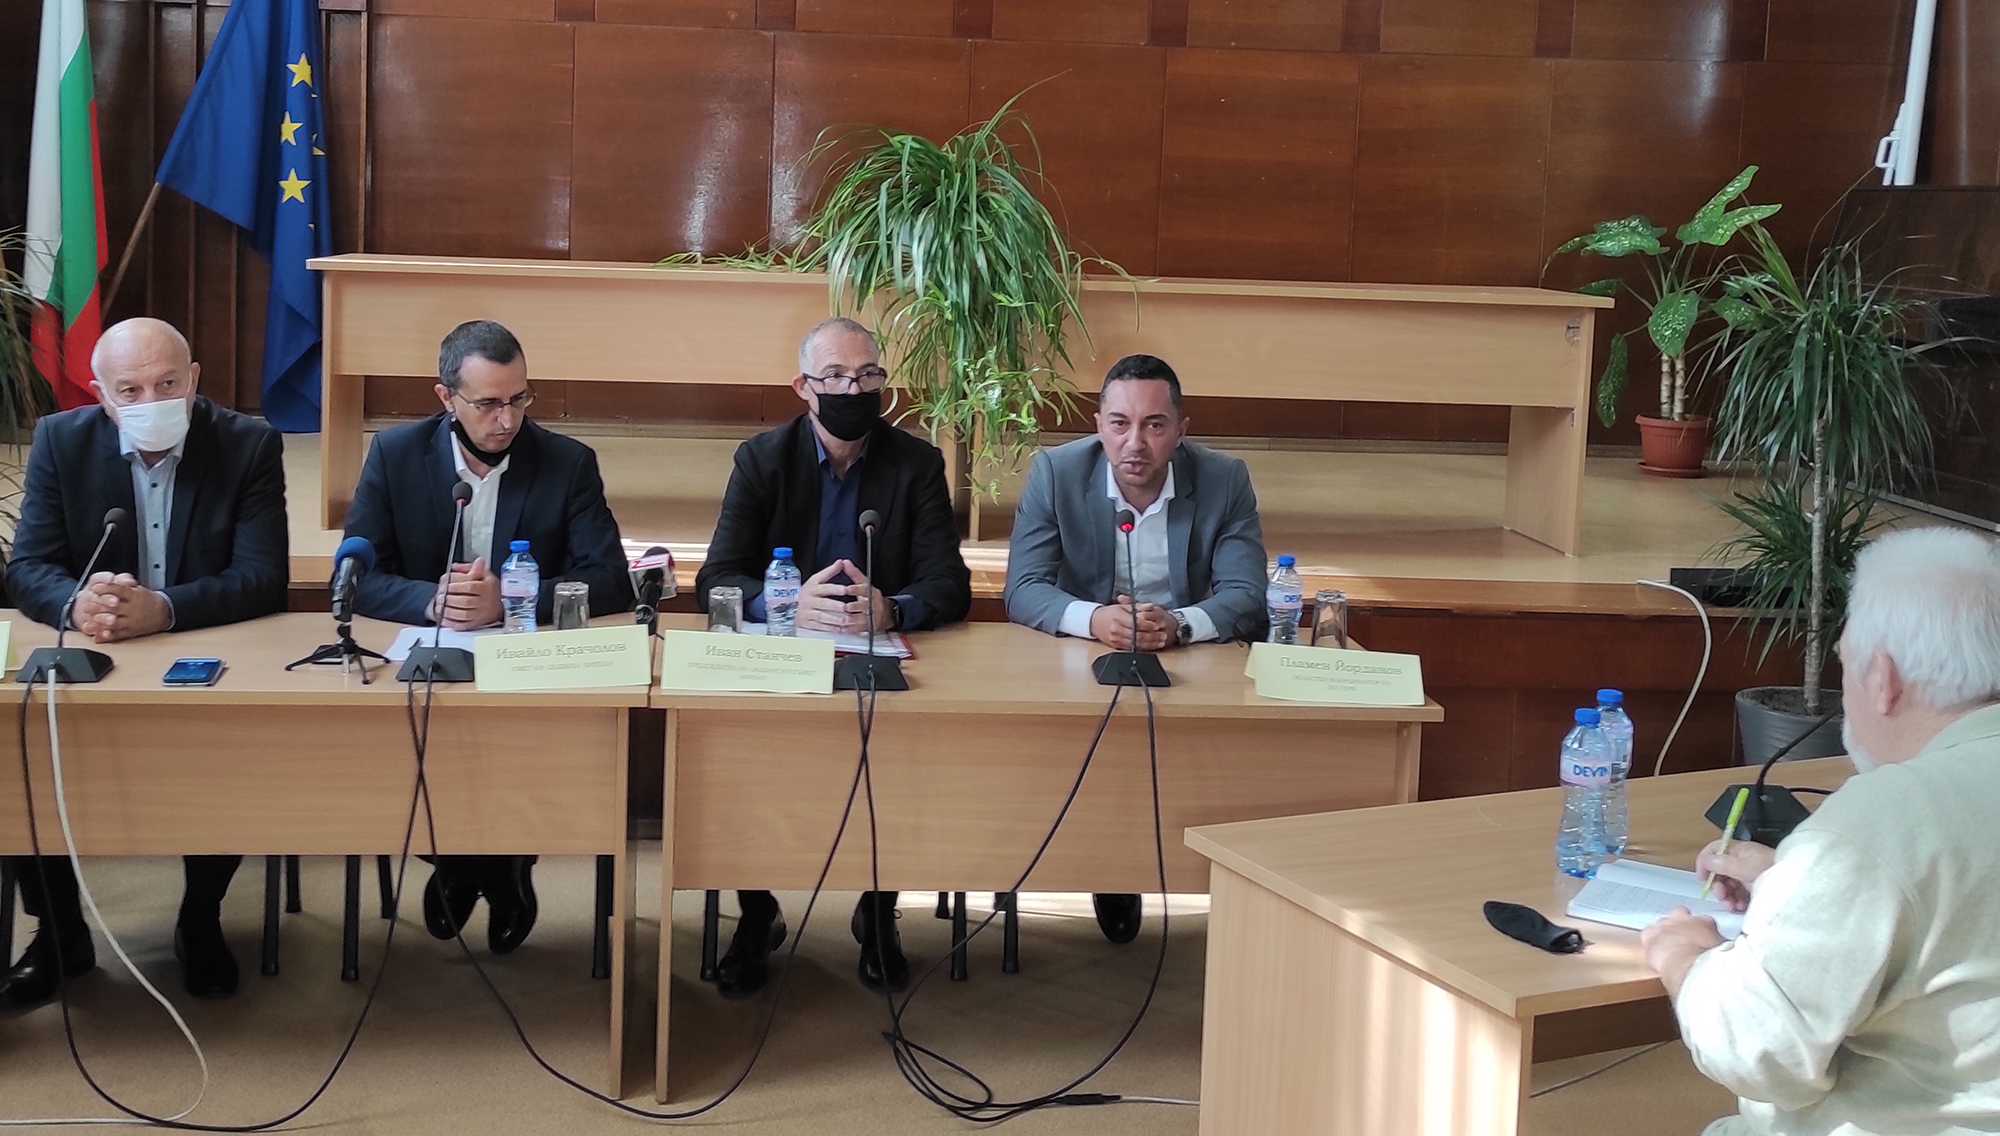 Пламен Йорданов: Спазихме обещанието за една година да решим важни проблеми на хората в Чирпан